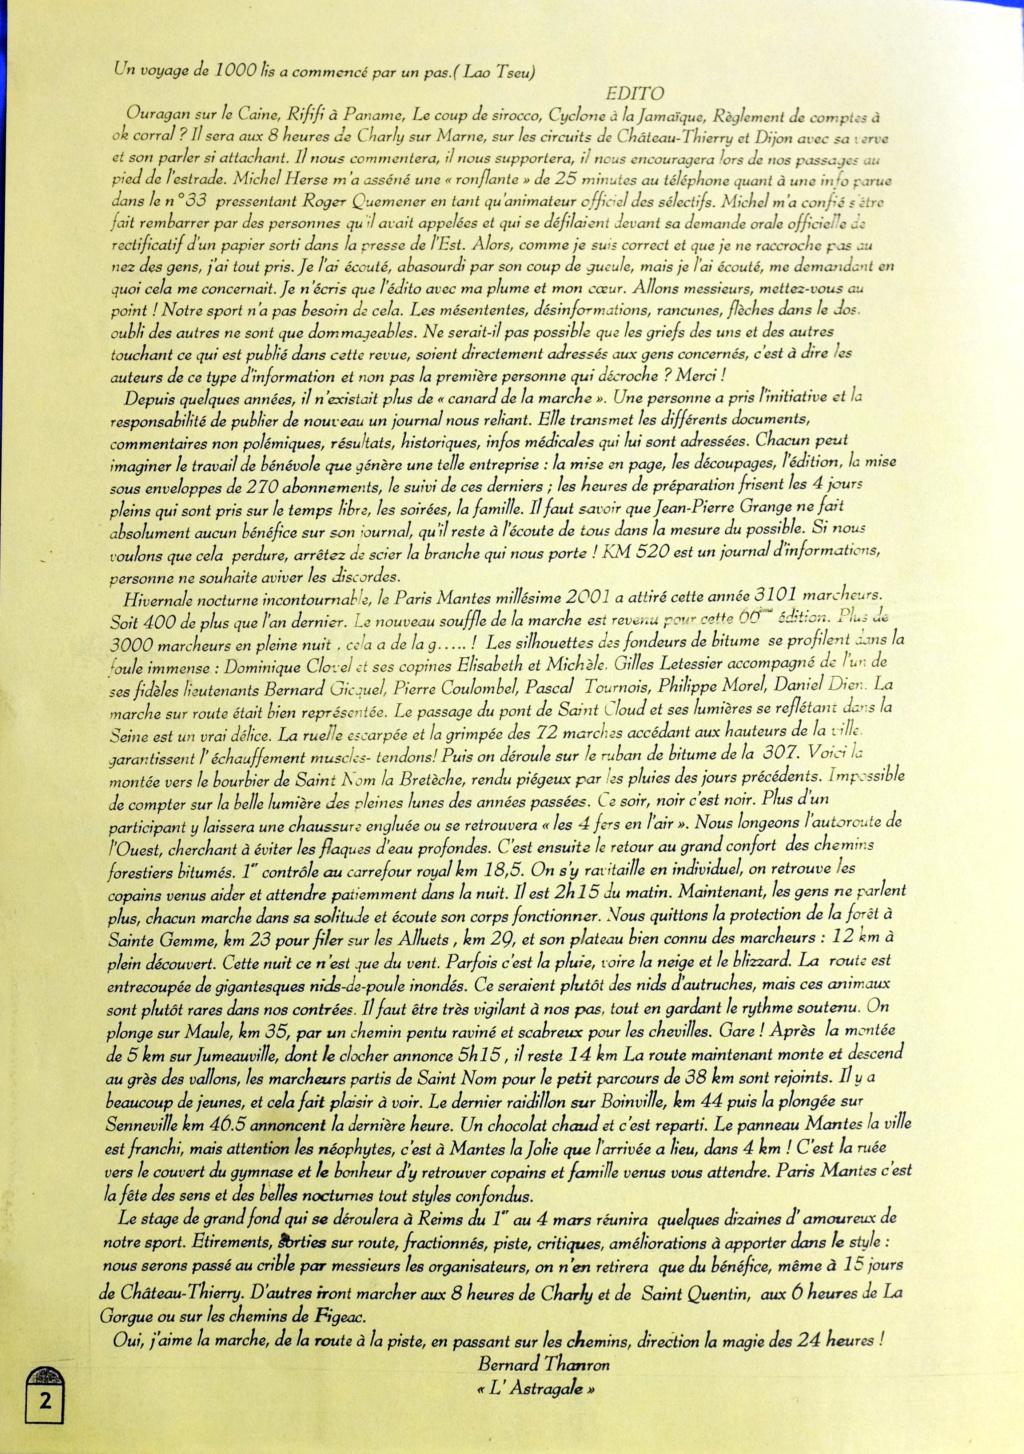 Le KM520 et ses éditos 1998-2009 - Page 2 Dscf0482